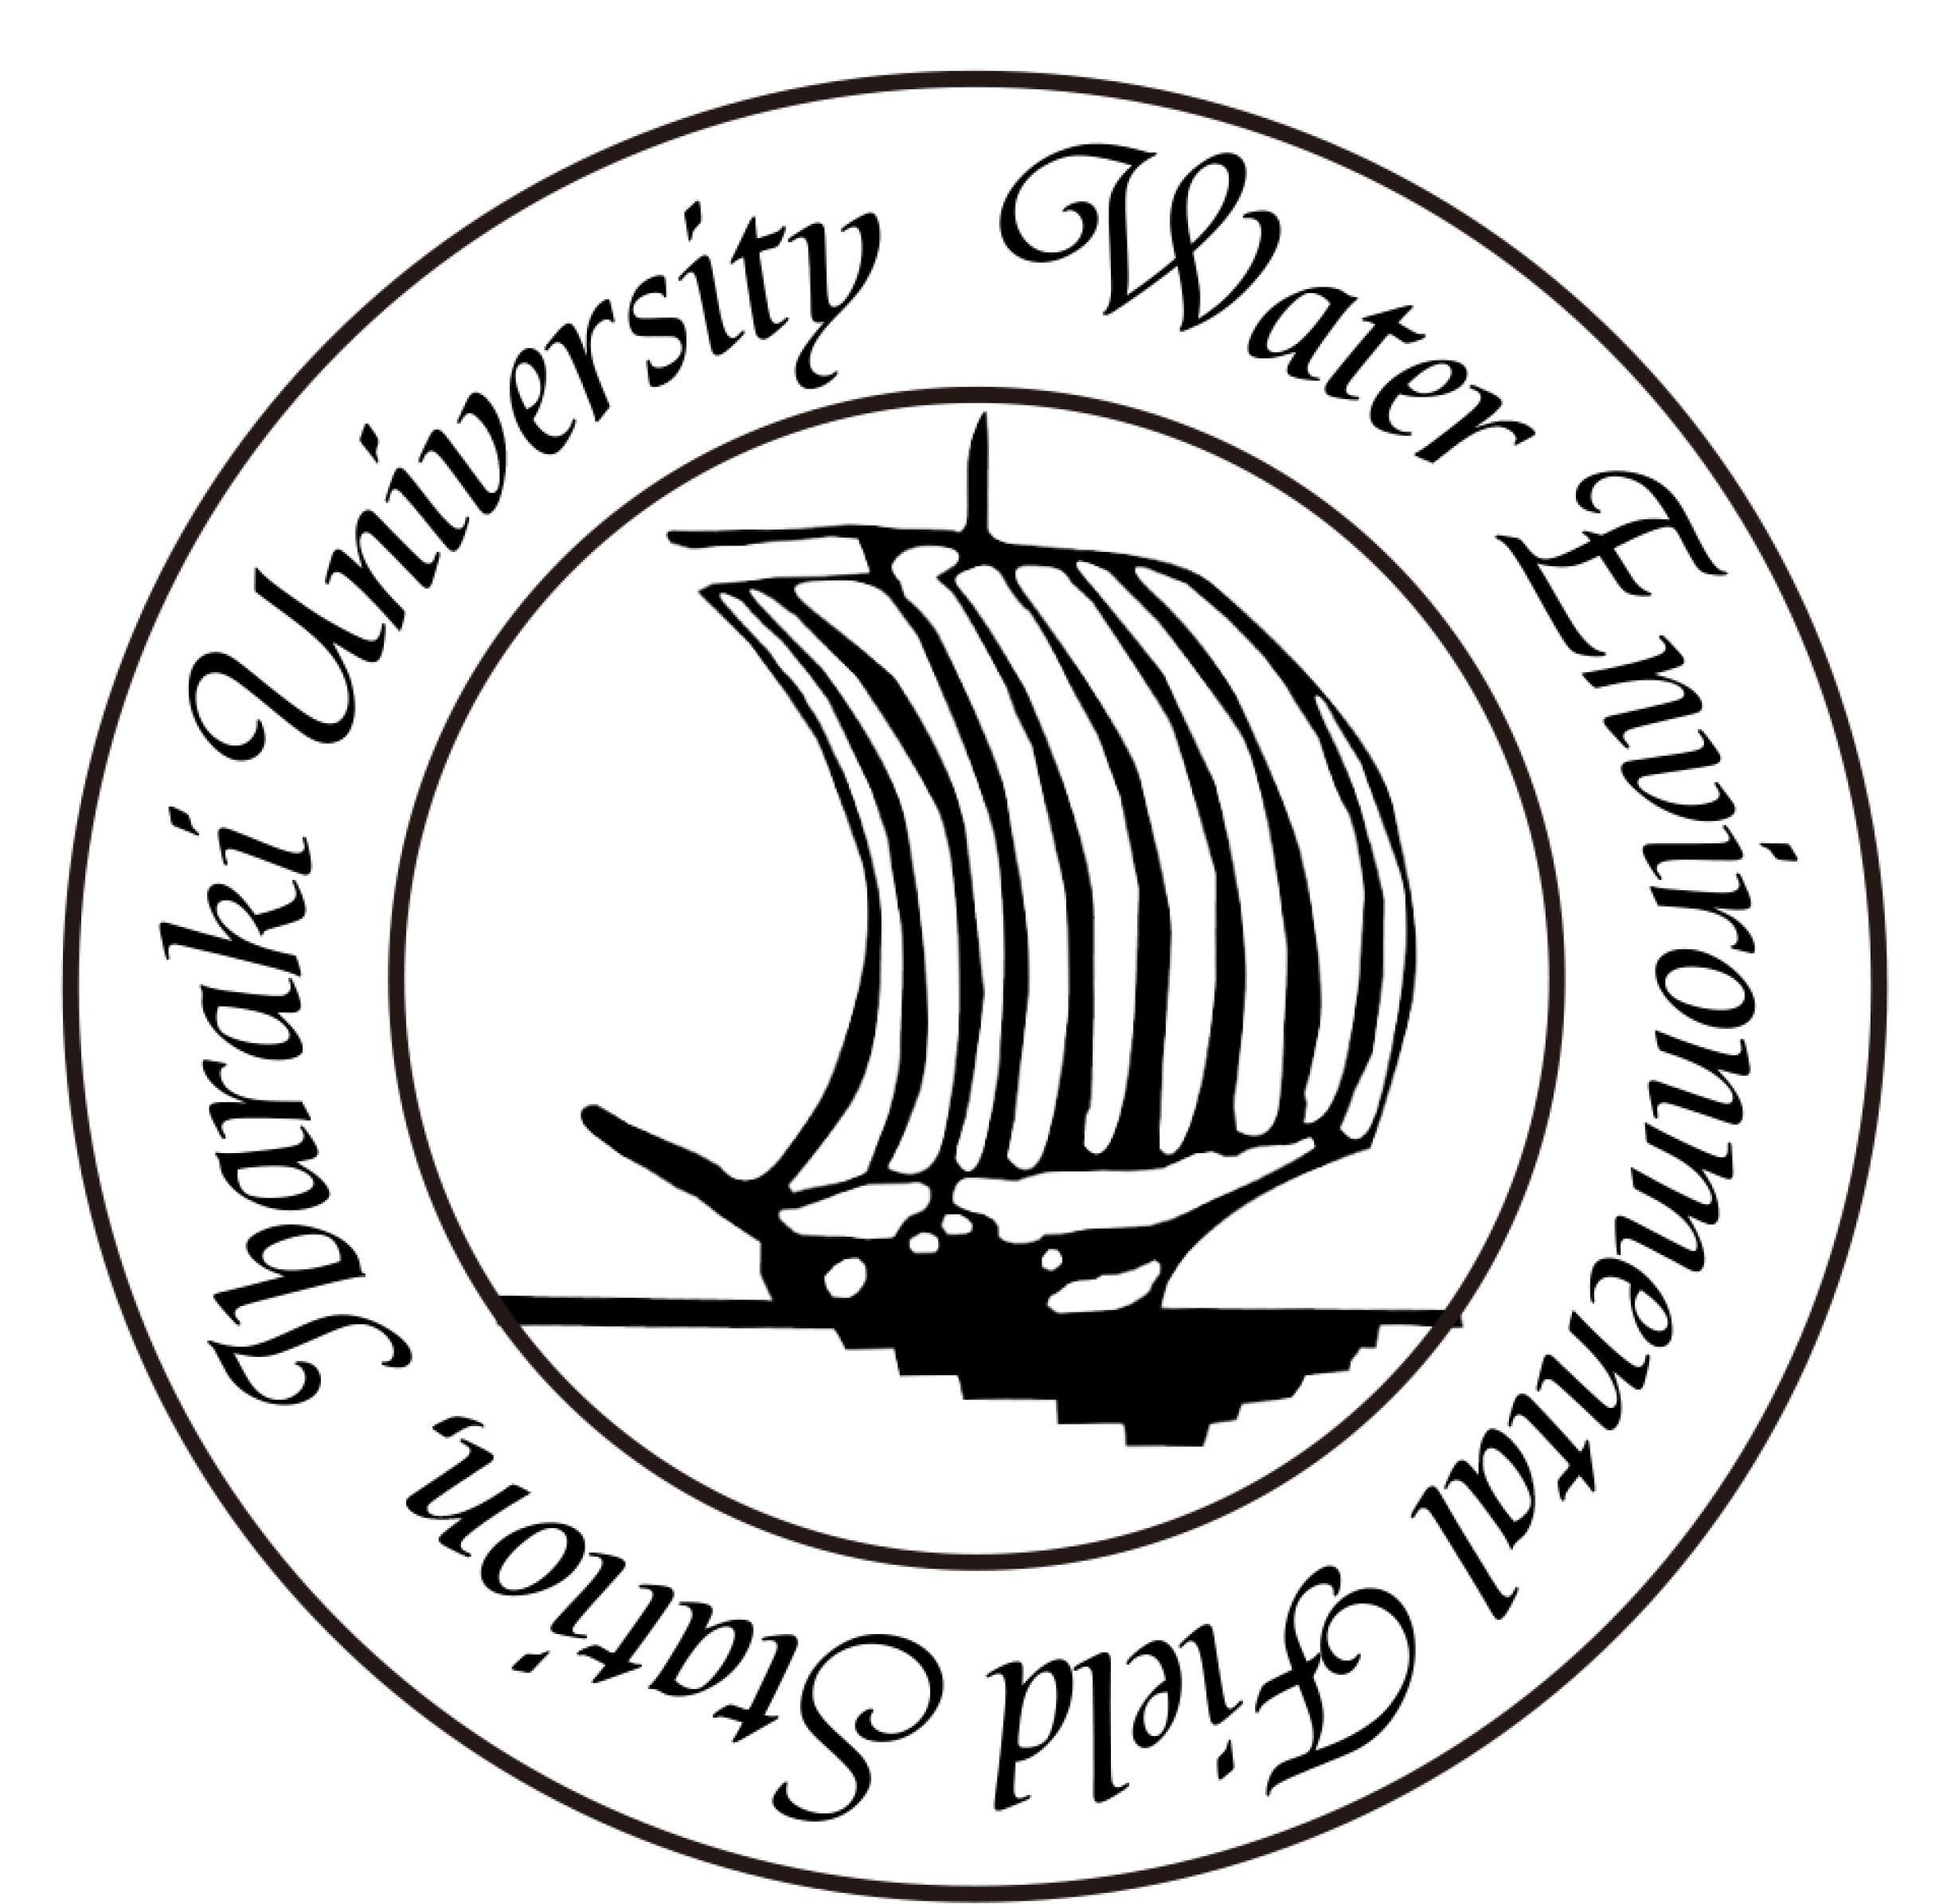 水圏環境フィールドステーション「2020年度公開臨湖実習」